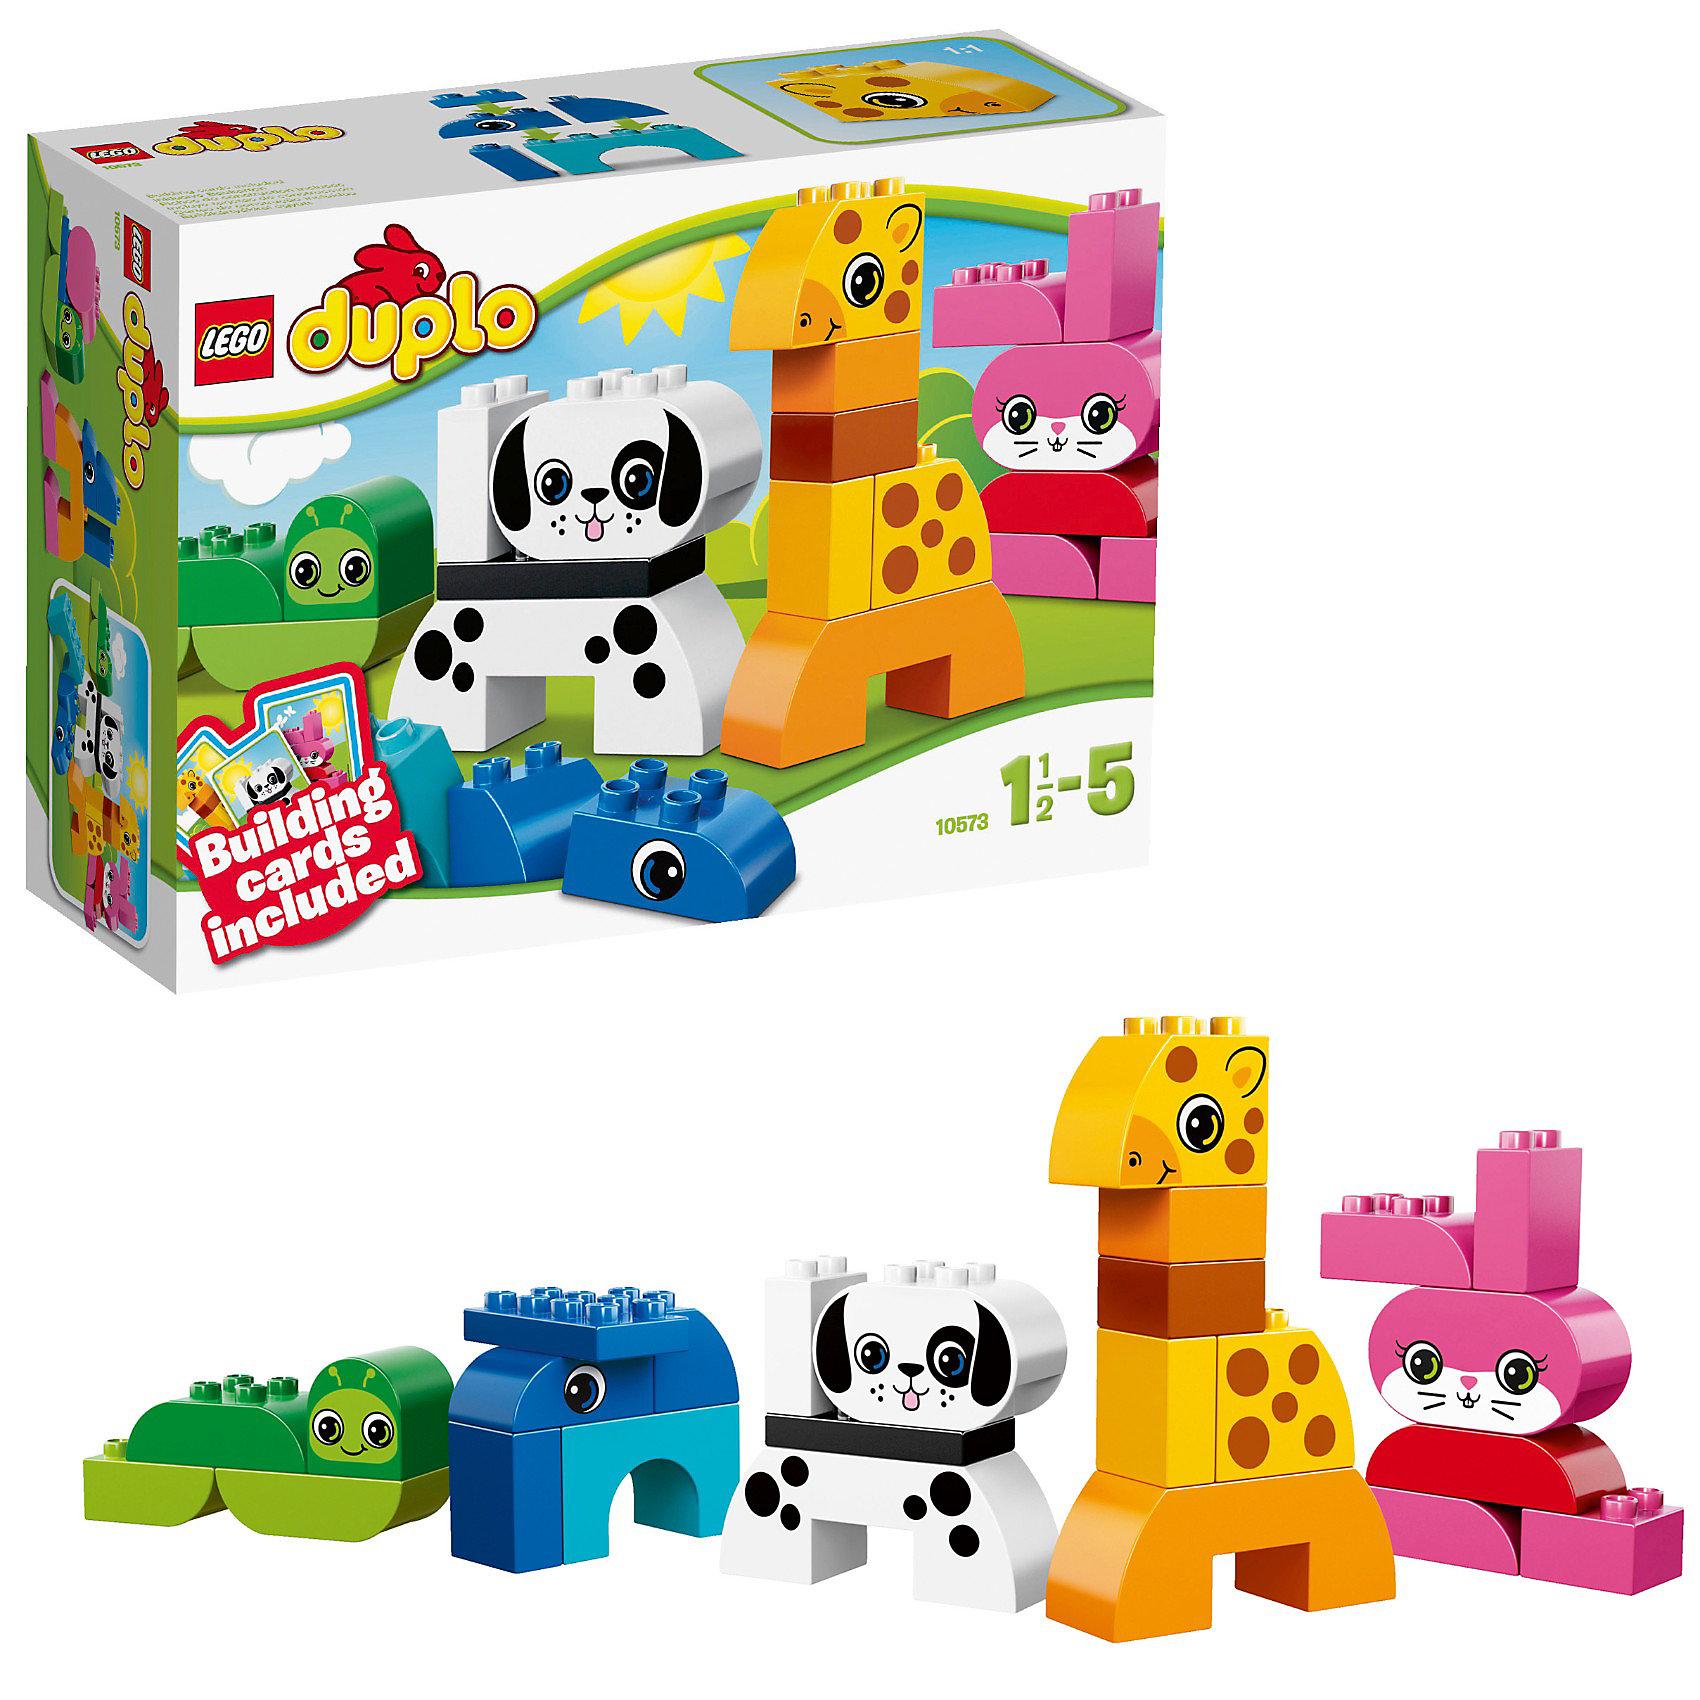 LEGO DUPLO 10573: Весёлые зверюшкиLEGO DUPLO (ЛЕГО Дупло) 10573: Весёлые зверюшки - увлекательный игровой набор, который станет замечательным подарком для Вашего малыша. <br><br>Набор Lego Duplo Весёлые зверюшки познакомит малыша с миром диких животных. Карточки-подсказки, включенные в набор, помогут без труда собрать жирафа, щенка, кролика, червячка и слоненка, каждое животное имеет свой собственный яркий цвет. Можно также самому собрать собственных придуманных зверей. В набор включены классические кирпичики Duplo и кирпичики с рисунками.<br><br>ЛЕГО Дупло - серия конструкторов для малышей, которую отличает крупные яркие детали со скругленными углами и многообразие игровых сюжетов, это и животные, и растения, и машинки, и сказочные персонажи.<br><br>Дополнительная информация:<br><br>- Количество деталей: 25.<br>- В наборе: детали конструктора.<br>- Количество минифигур: 0.<br>- Серия: ЛЕГО Дупло. <br>- Материал: пластик.<br>- Размер упаковки: 19,1 x 9,1 x 26,2 см.<br>- Вес: 0,525 кг. <br><br>Игра с конструктором развивает мелкую моторику, фантазию и воображение ребенка, учит его усидчивости и внимательности. <br><br>Конструктор LEGO DUPLO (ЛЕГО Дупло) 10573: Весёлые зверюшки можно купить в нашем интернет-магазине.<br><br>Ширина мм: 263<br>Глубина мм: 189<br>Высота мм: 92<br>Вес г: 423<br>Возраст от месяцев: 18<br>Возраст до месяцев: 60<br>Пол: Унисекс<br>Возраст: Детский<br>SKU: 3342511